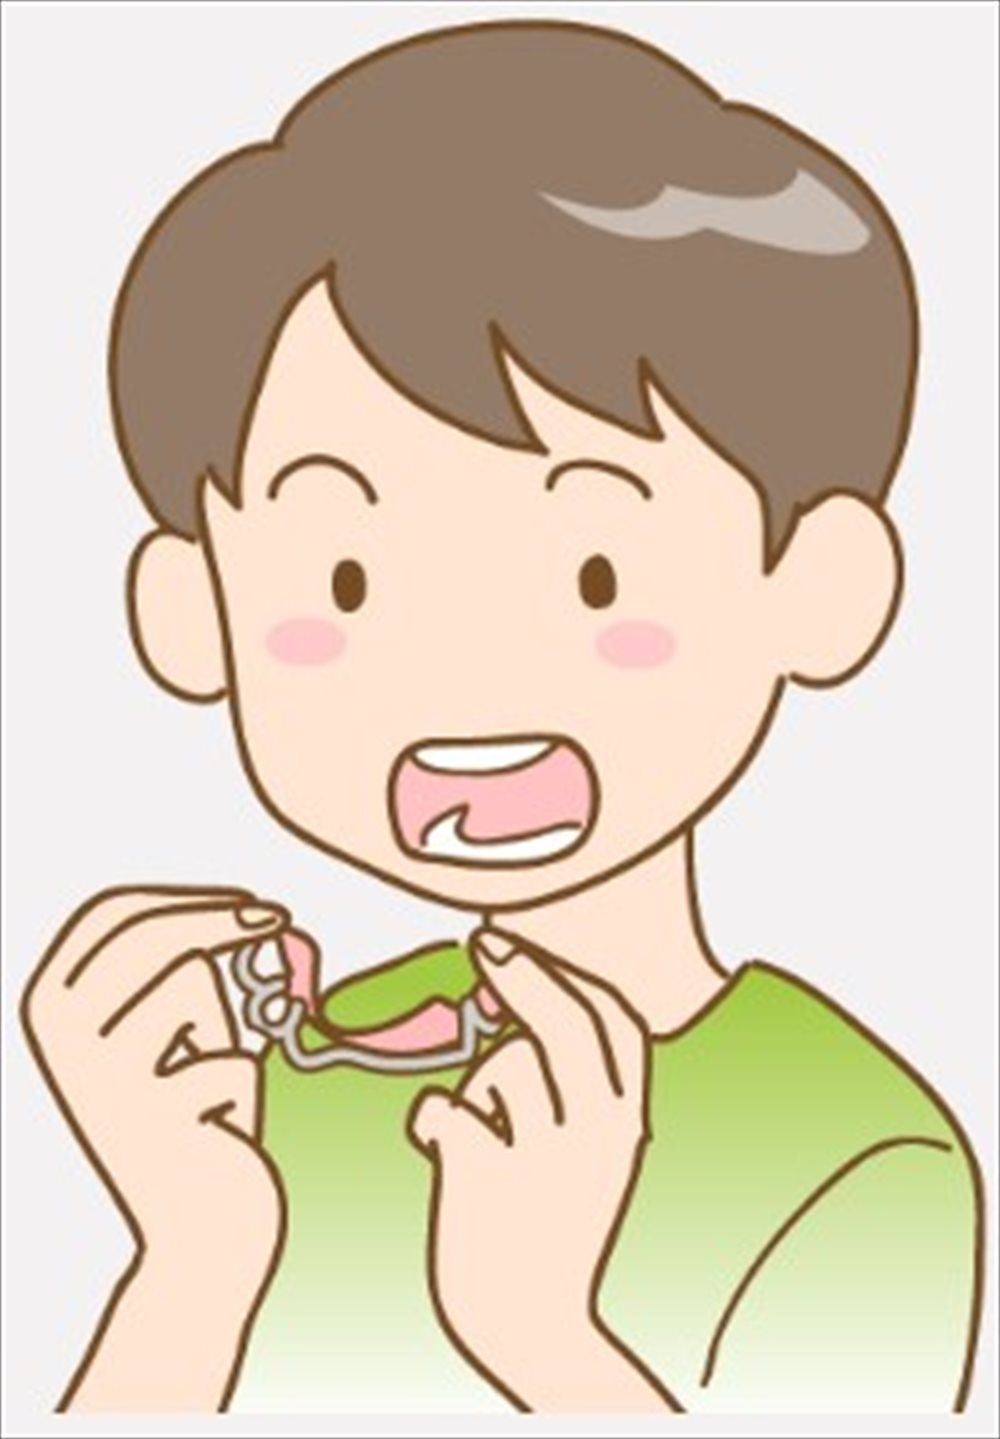 歯医者さんが教える!矯正歯科治療の種類③